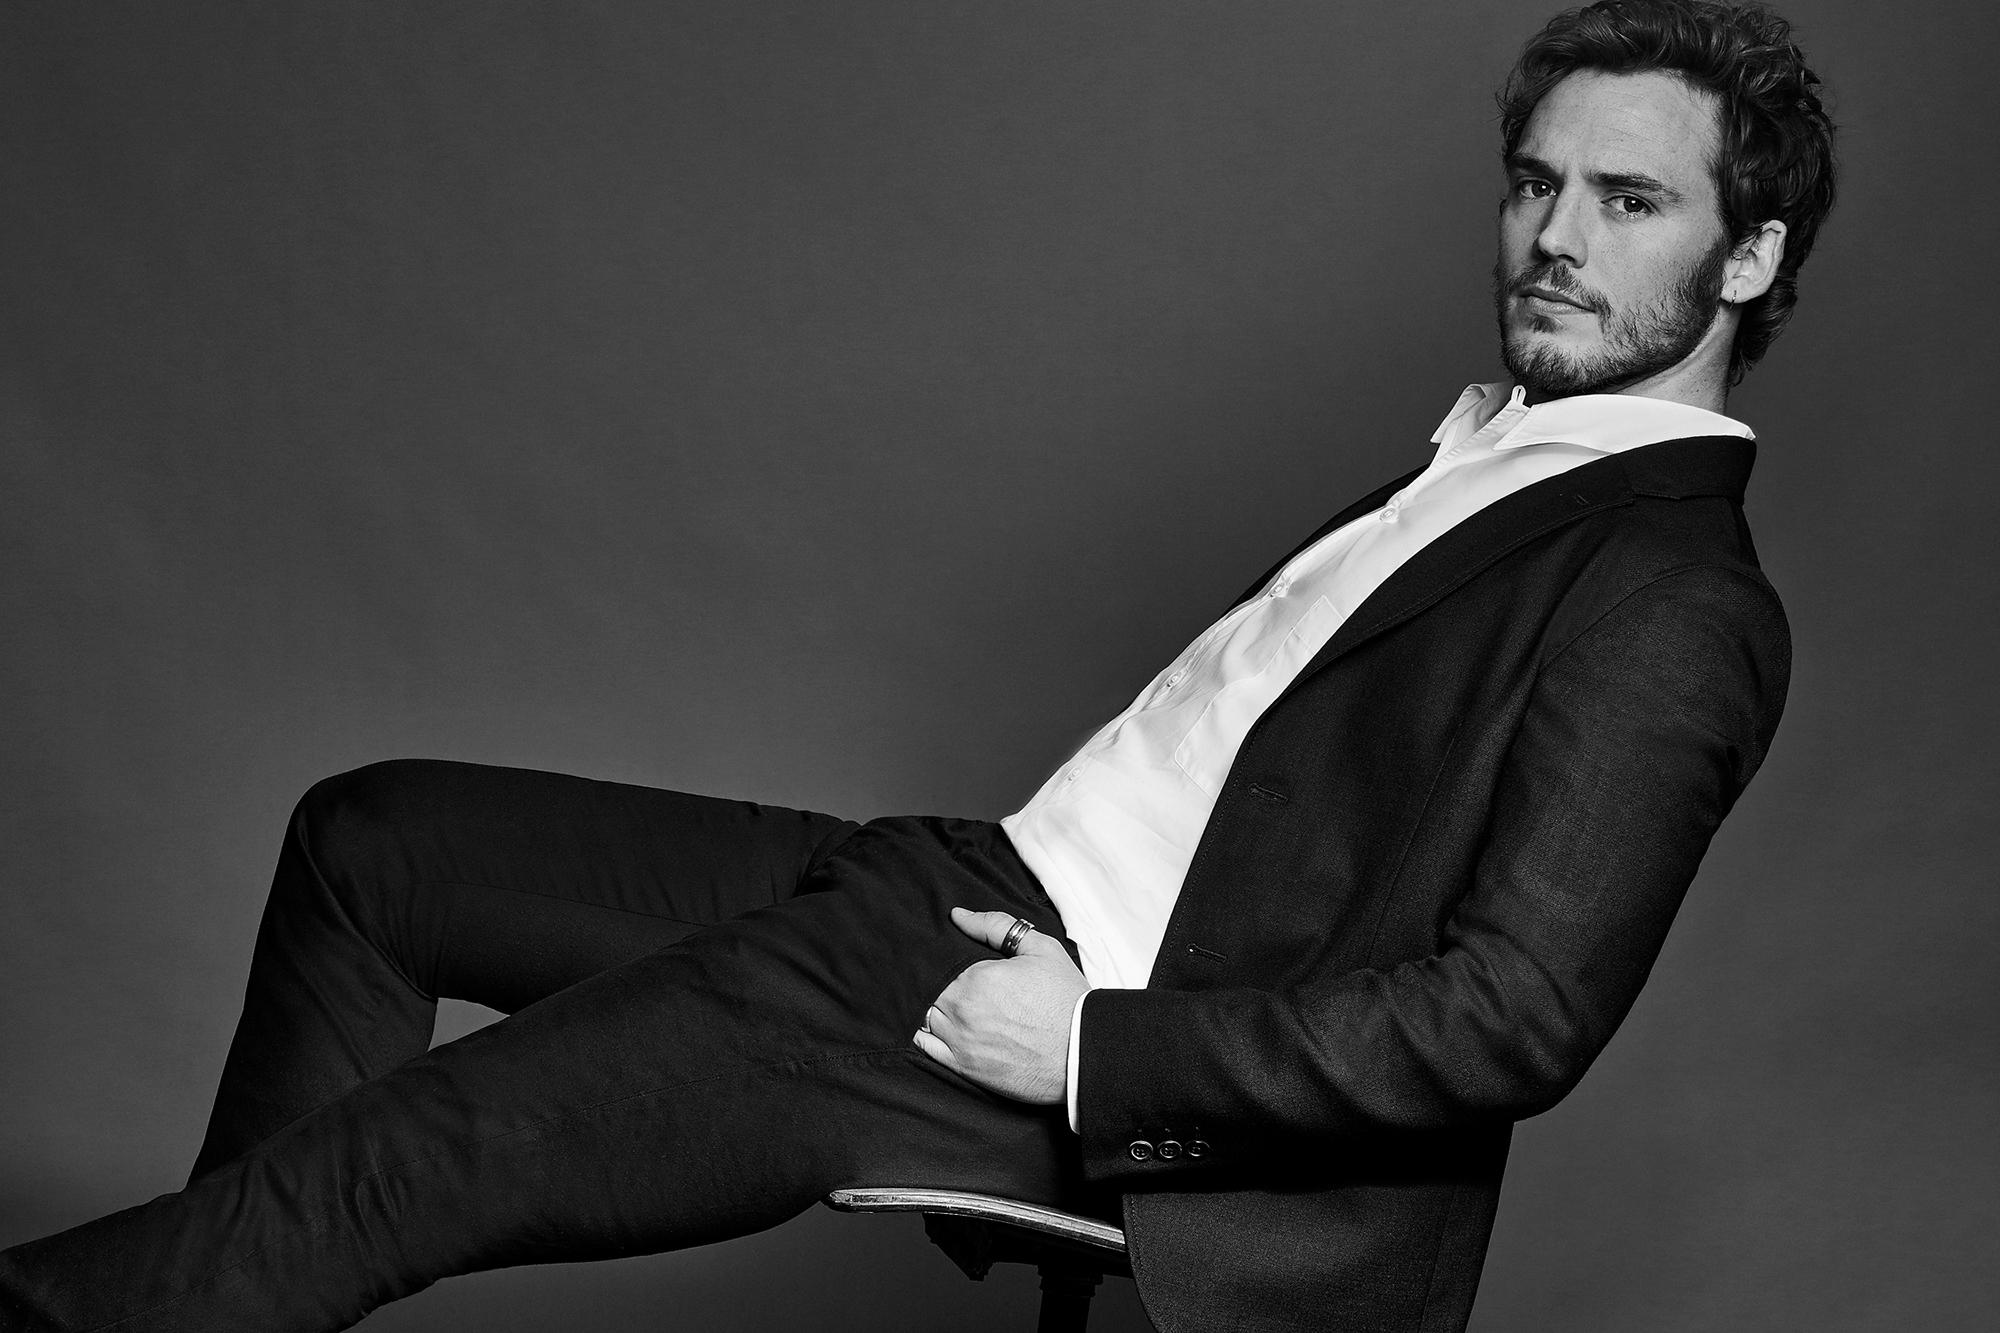 'Hemsworth Kardeşler İle 'Grinin 50 Tonu' Tadında Bir Filmde Oynayabiliriz'